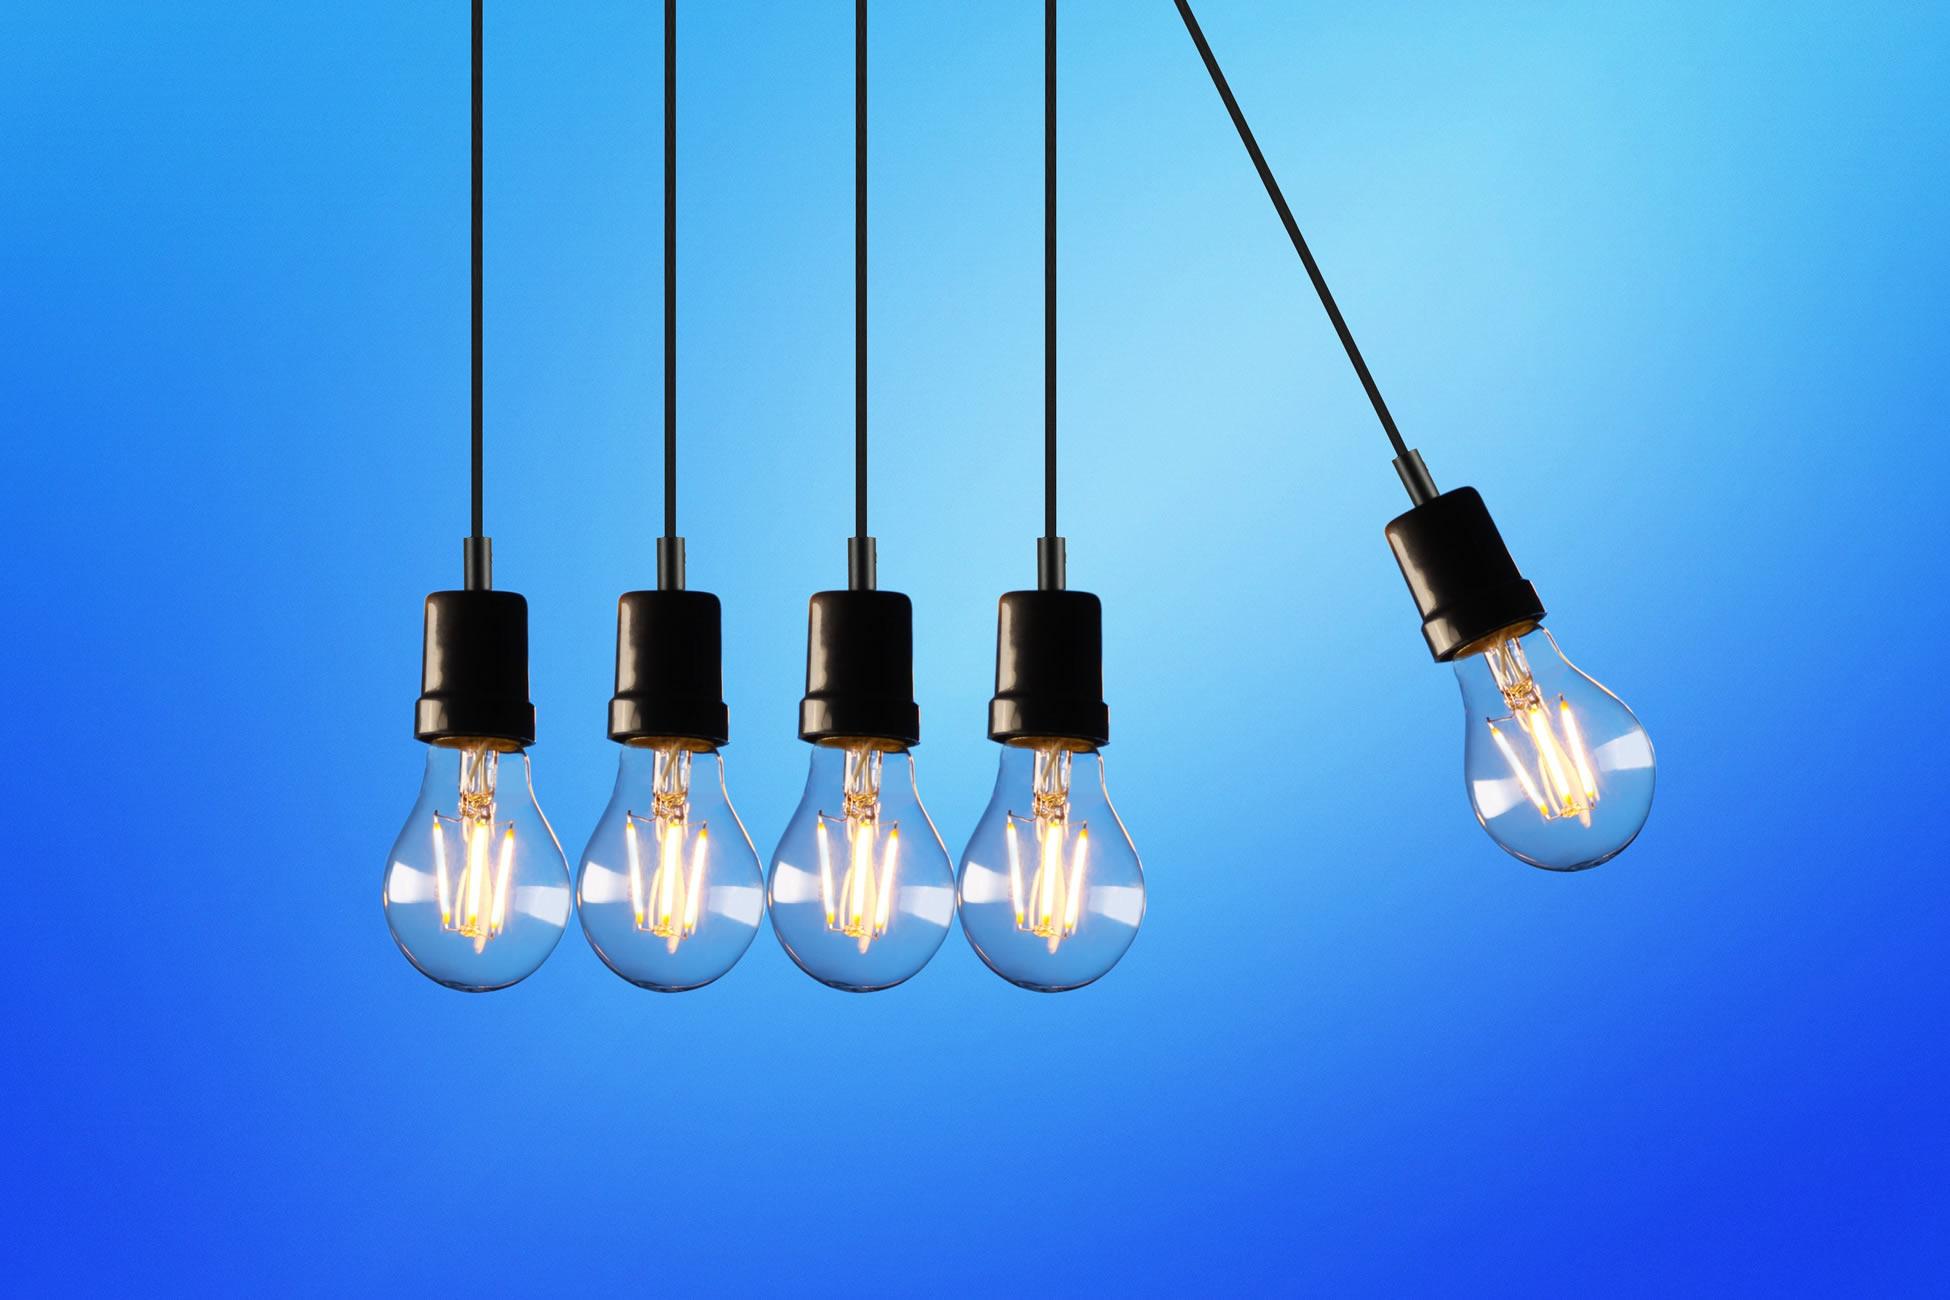 Elektřina zdraží až o 25 procent. Ale proč?